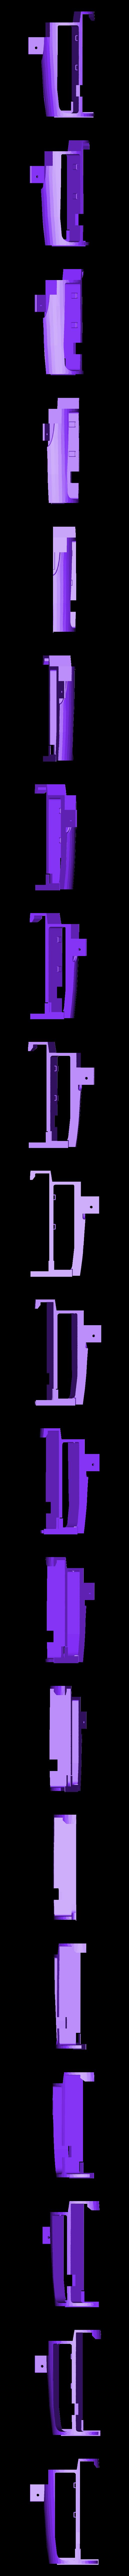 Fuse_main-L_front.stl Télécharger fichier STL gratuit Planeur modulaire RC Sailplane entièrement imprimé en 3D. • Objet à imprimer en 3D, Georgemacghay